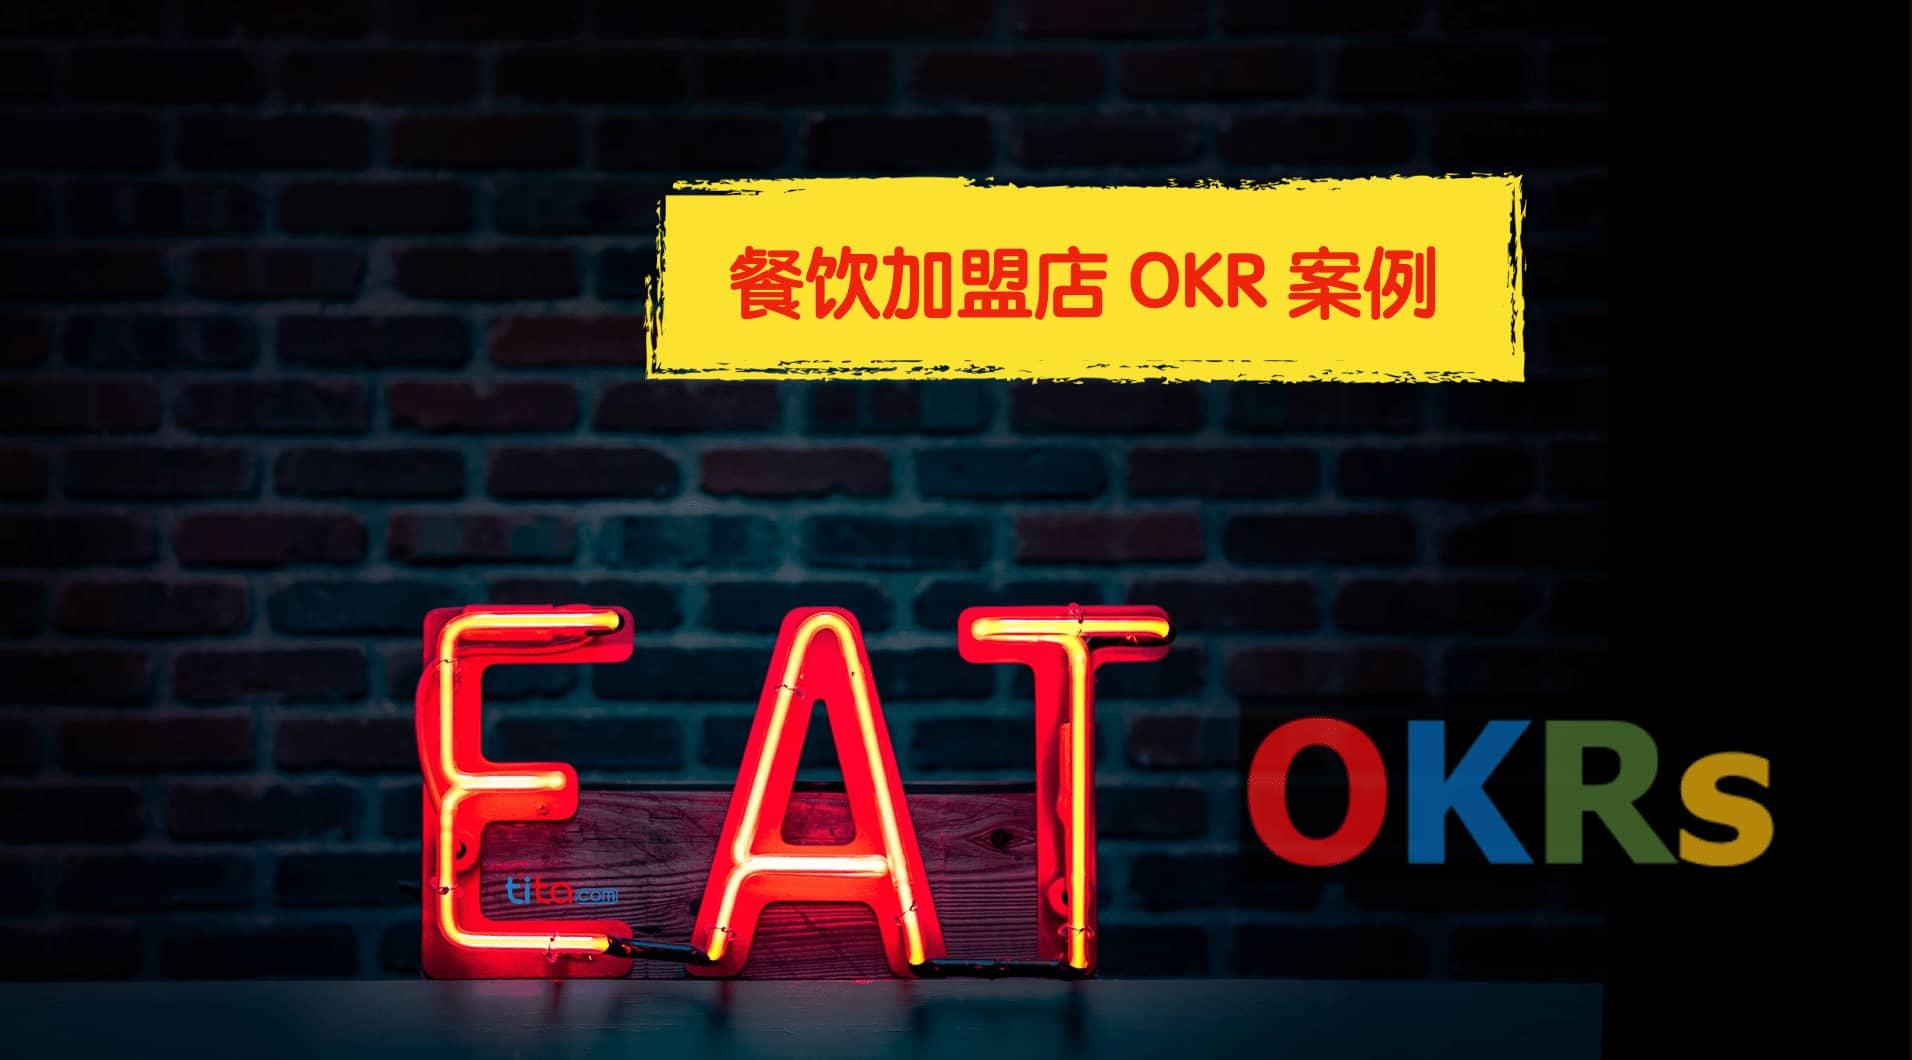 餐馆加盟店的 OKR 案例